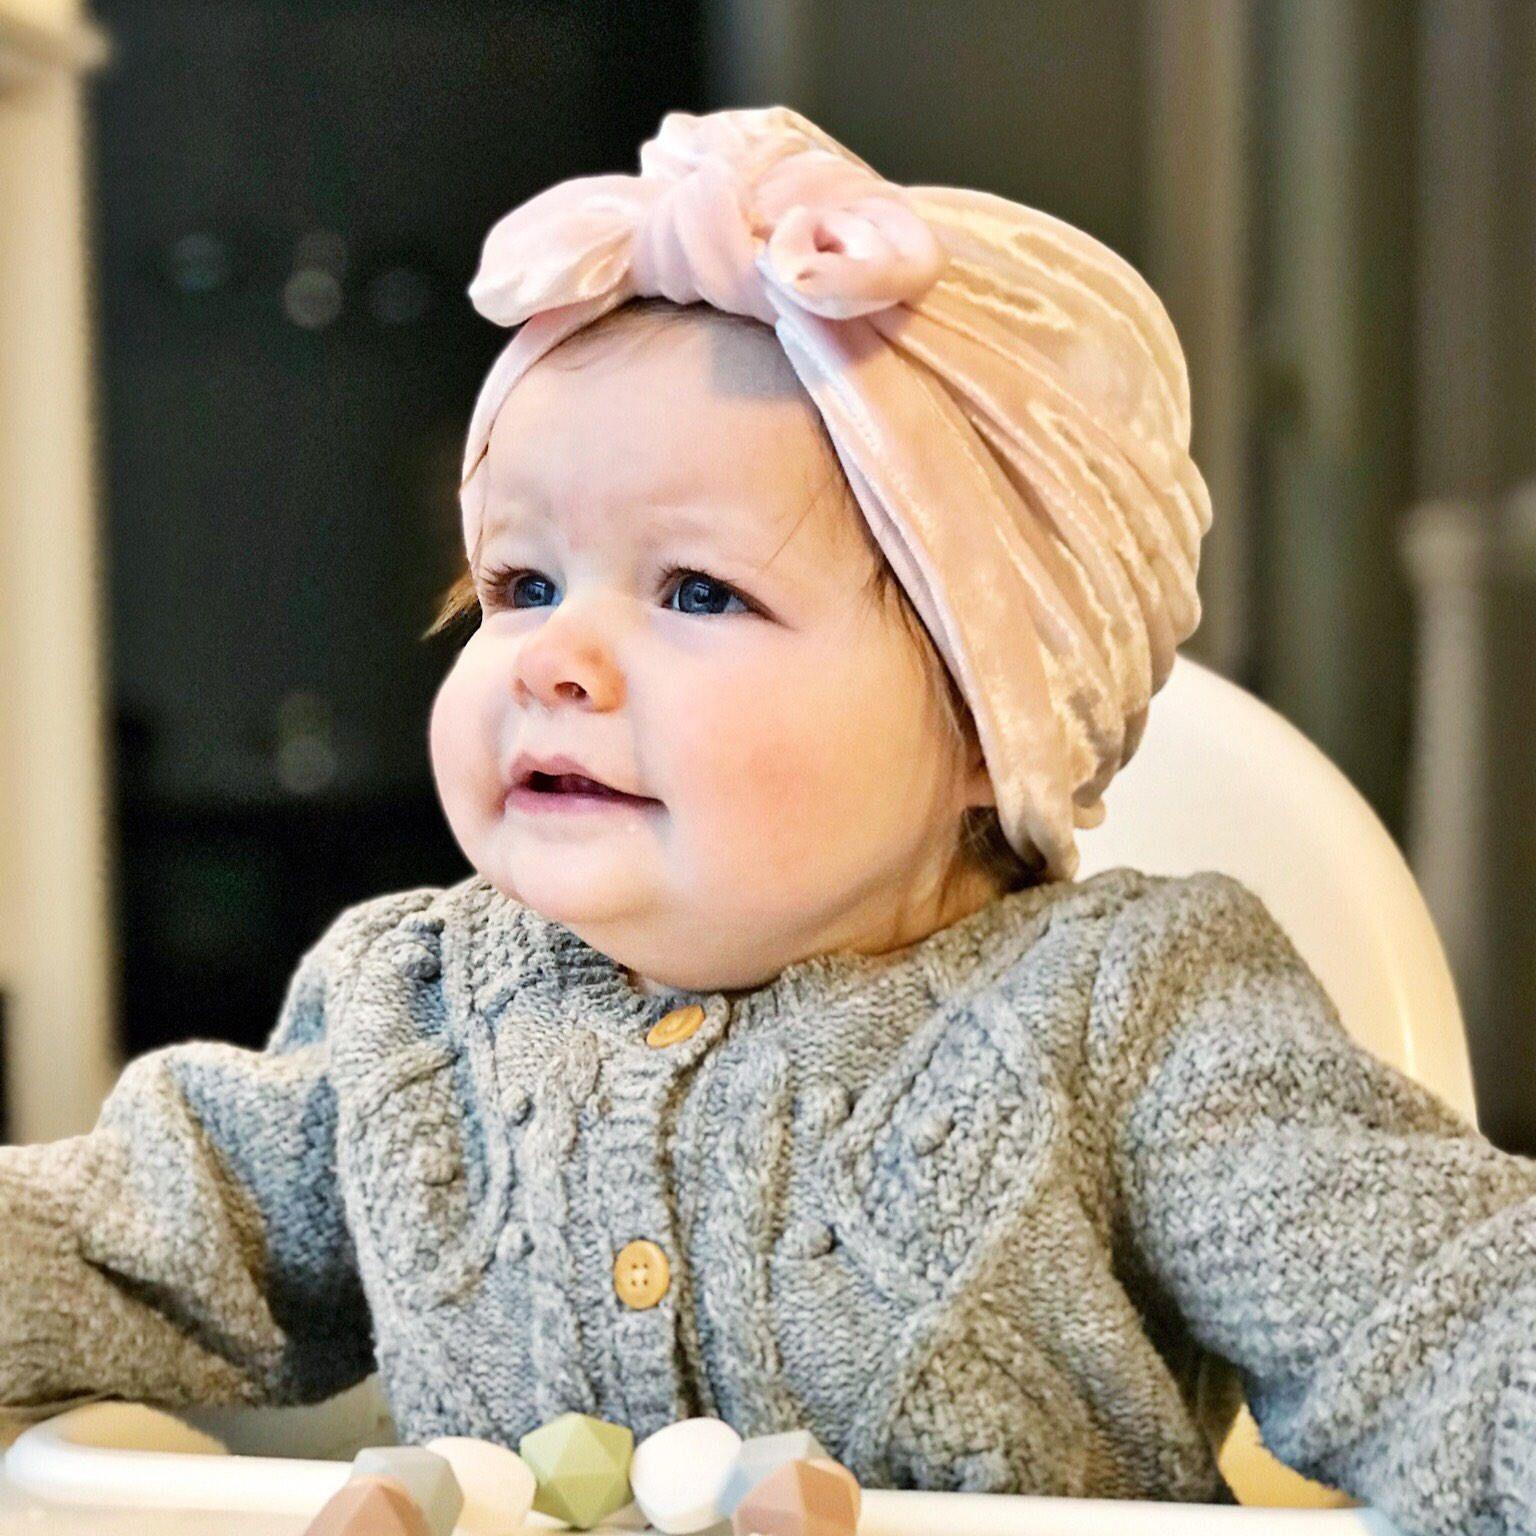 INS 9 موضة ألوان دونات عصابات مطاطا الأرنب كاندي الألوان إكسسوارات الشعر قبعة كاب متعدد الألوان الرضع العمامة القبعات